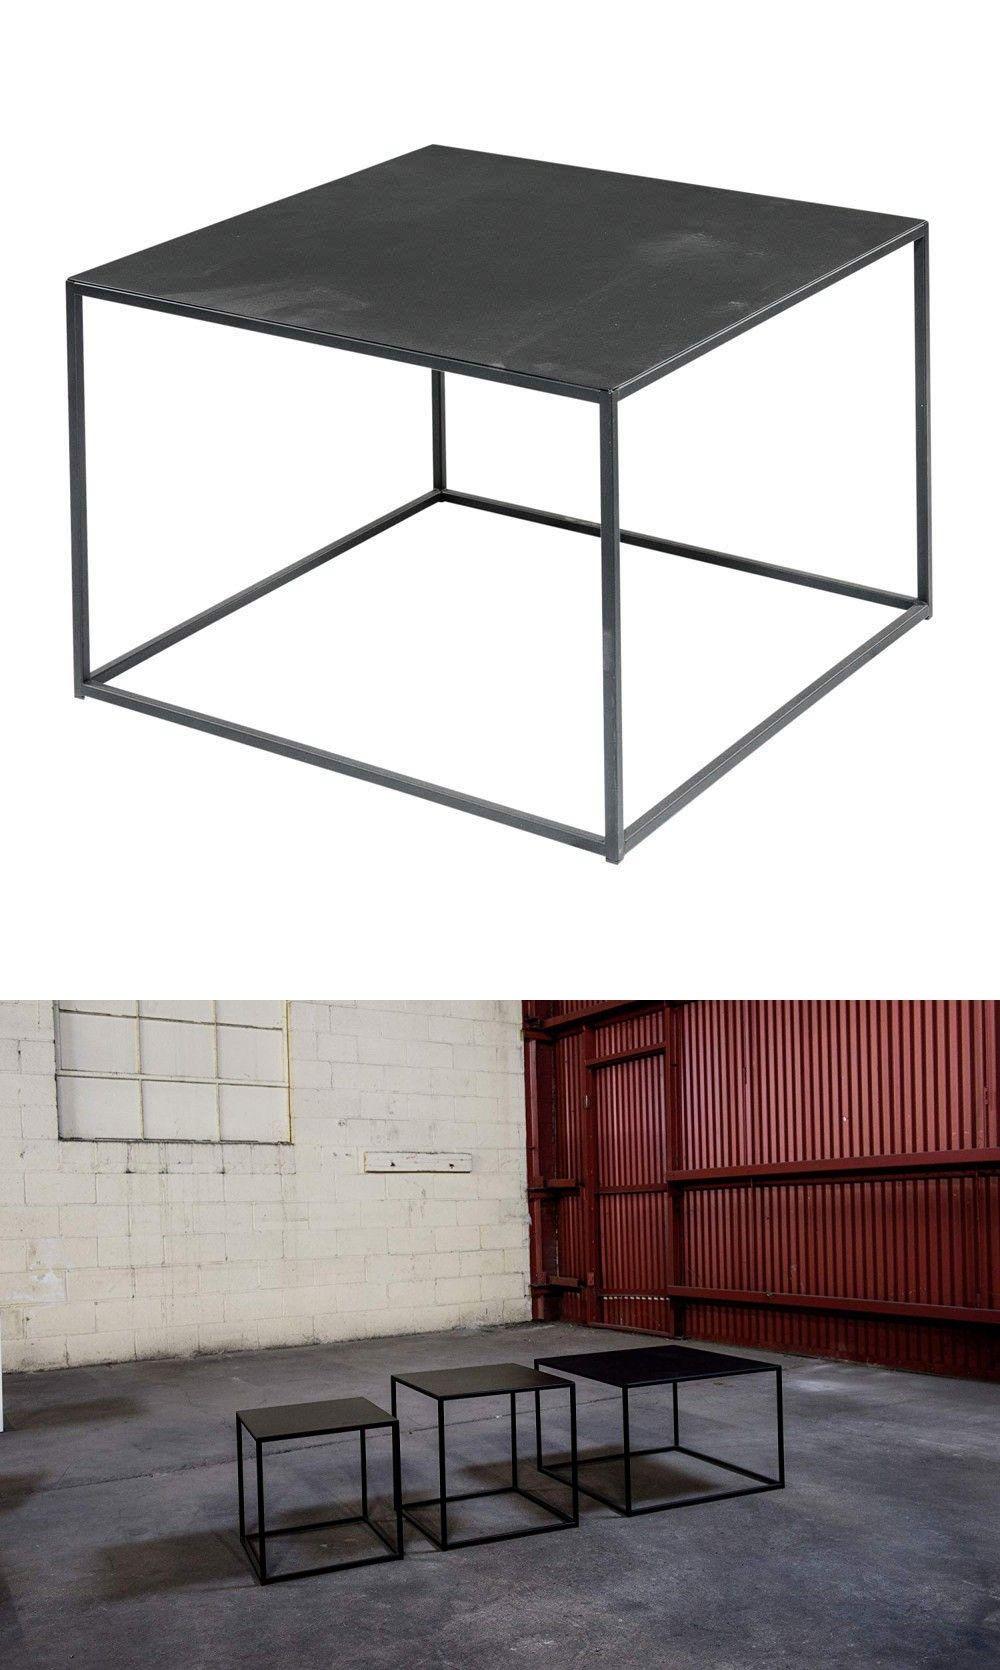 50+ Wood black metal coffee table ideas in 2021